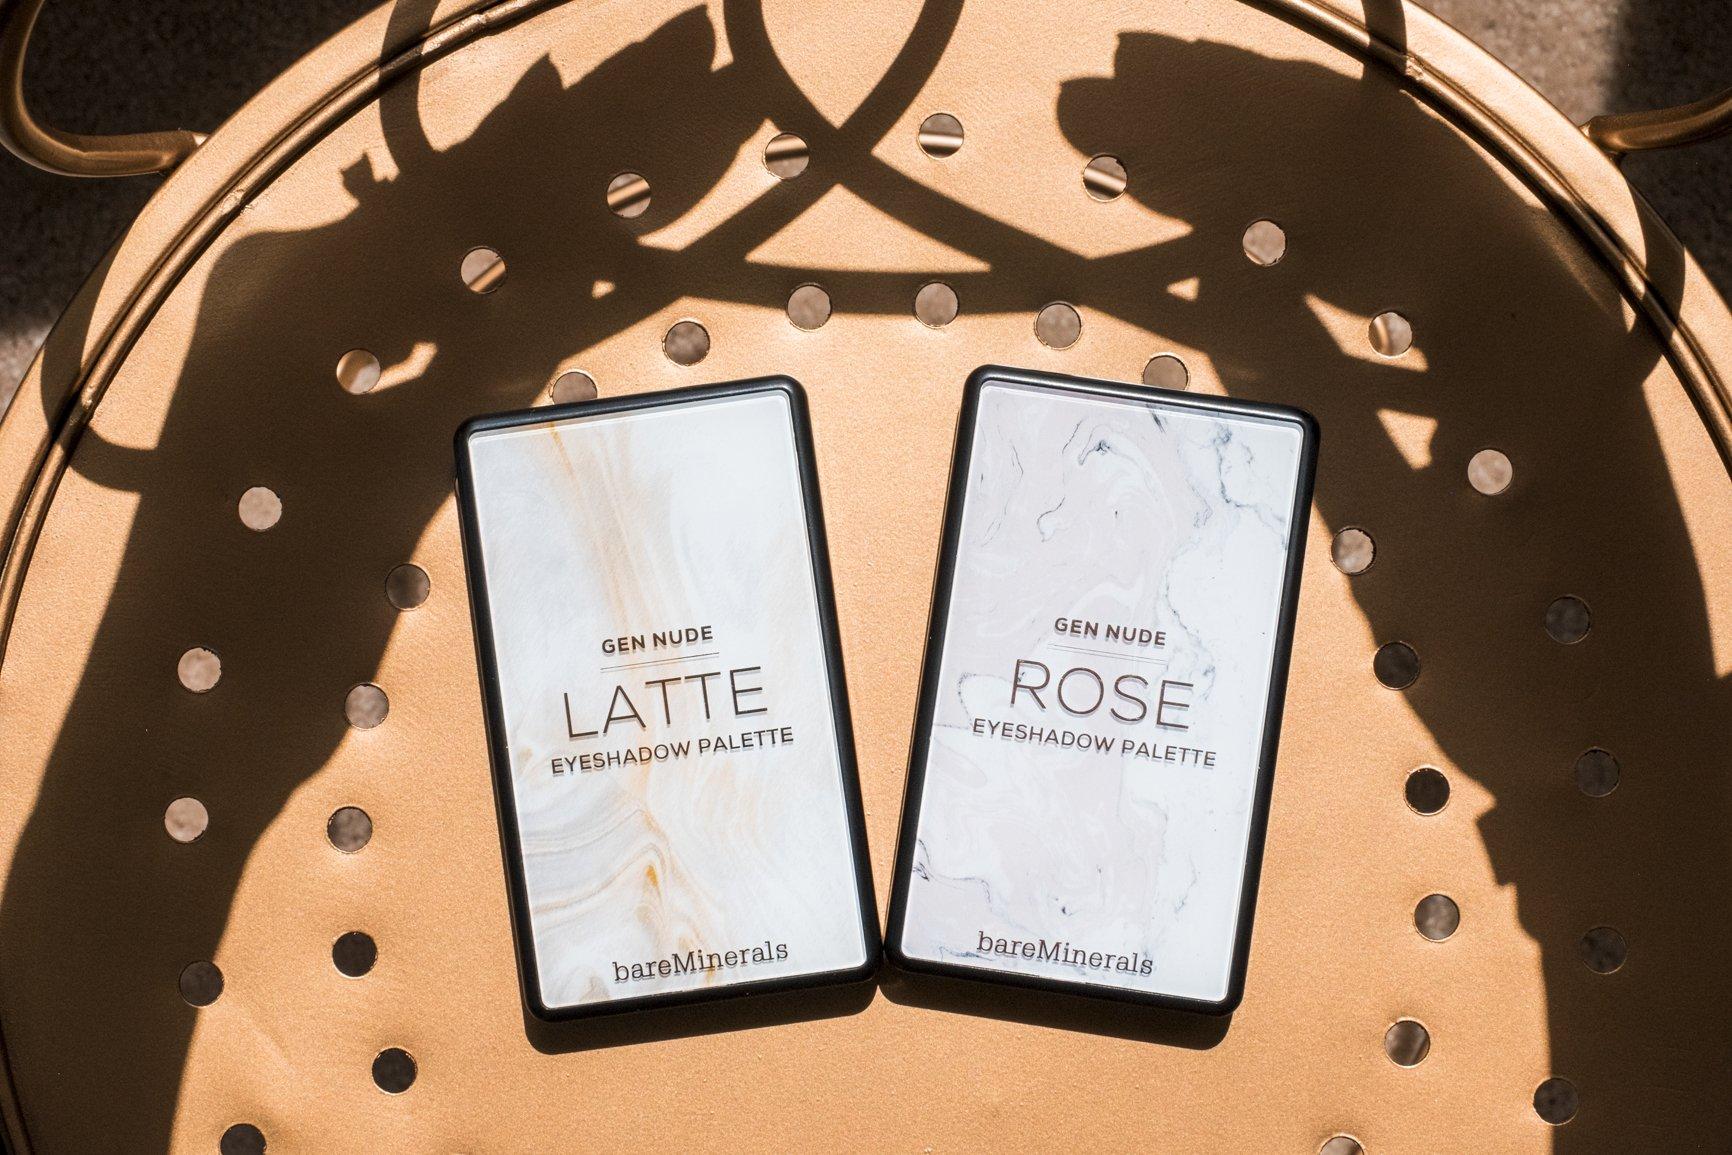 sunkissedblush-bareminerals-gennude-latte-rose (6 of 17)